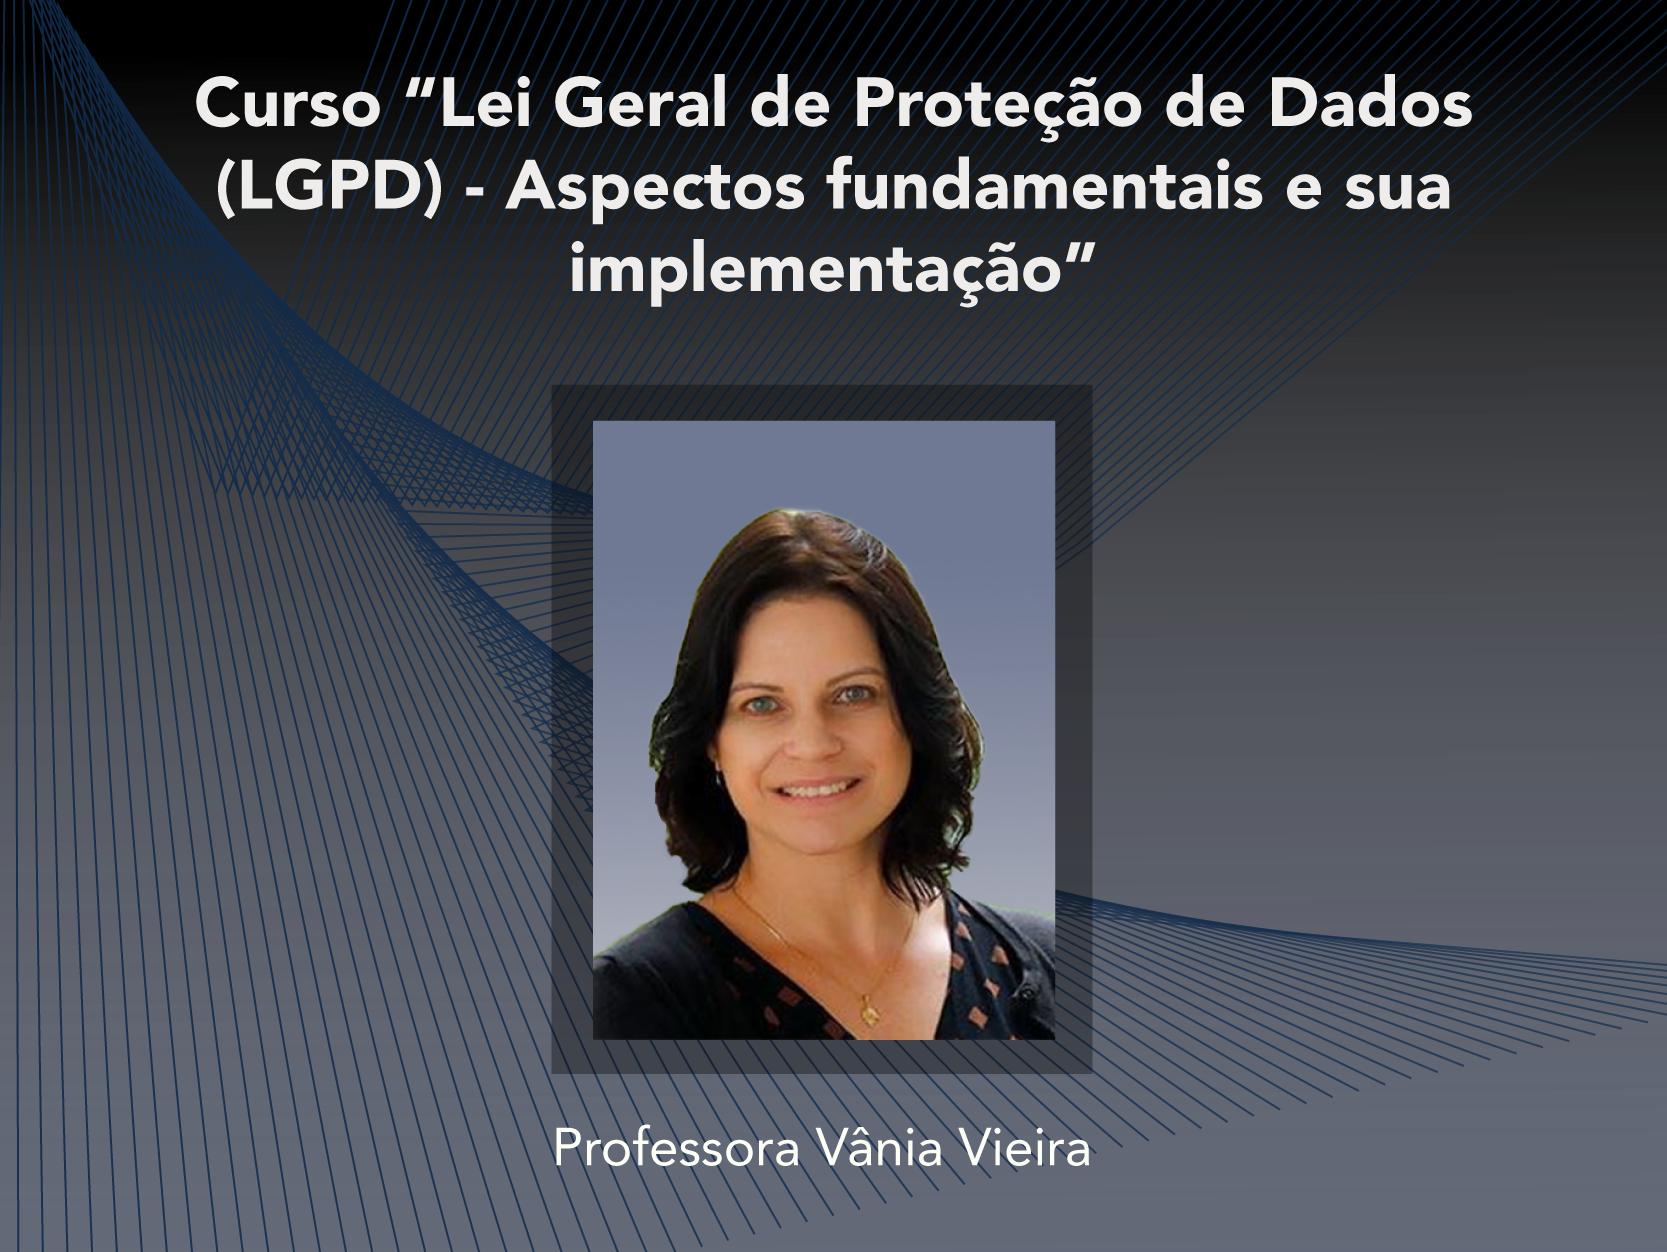 Curso: Lei Geral de Proteção de Dados (LGPD) - Aspectos fundamentais e sua implementação - Não perca!!!